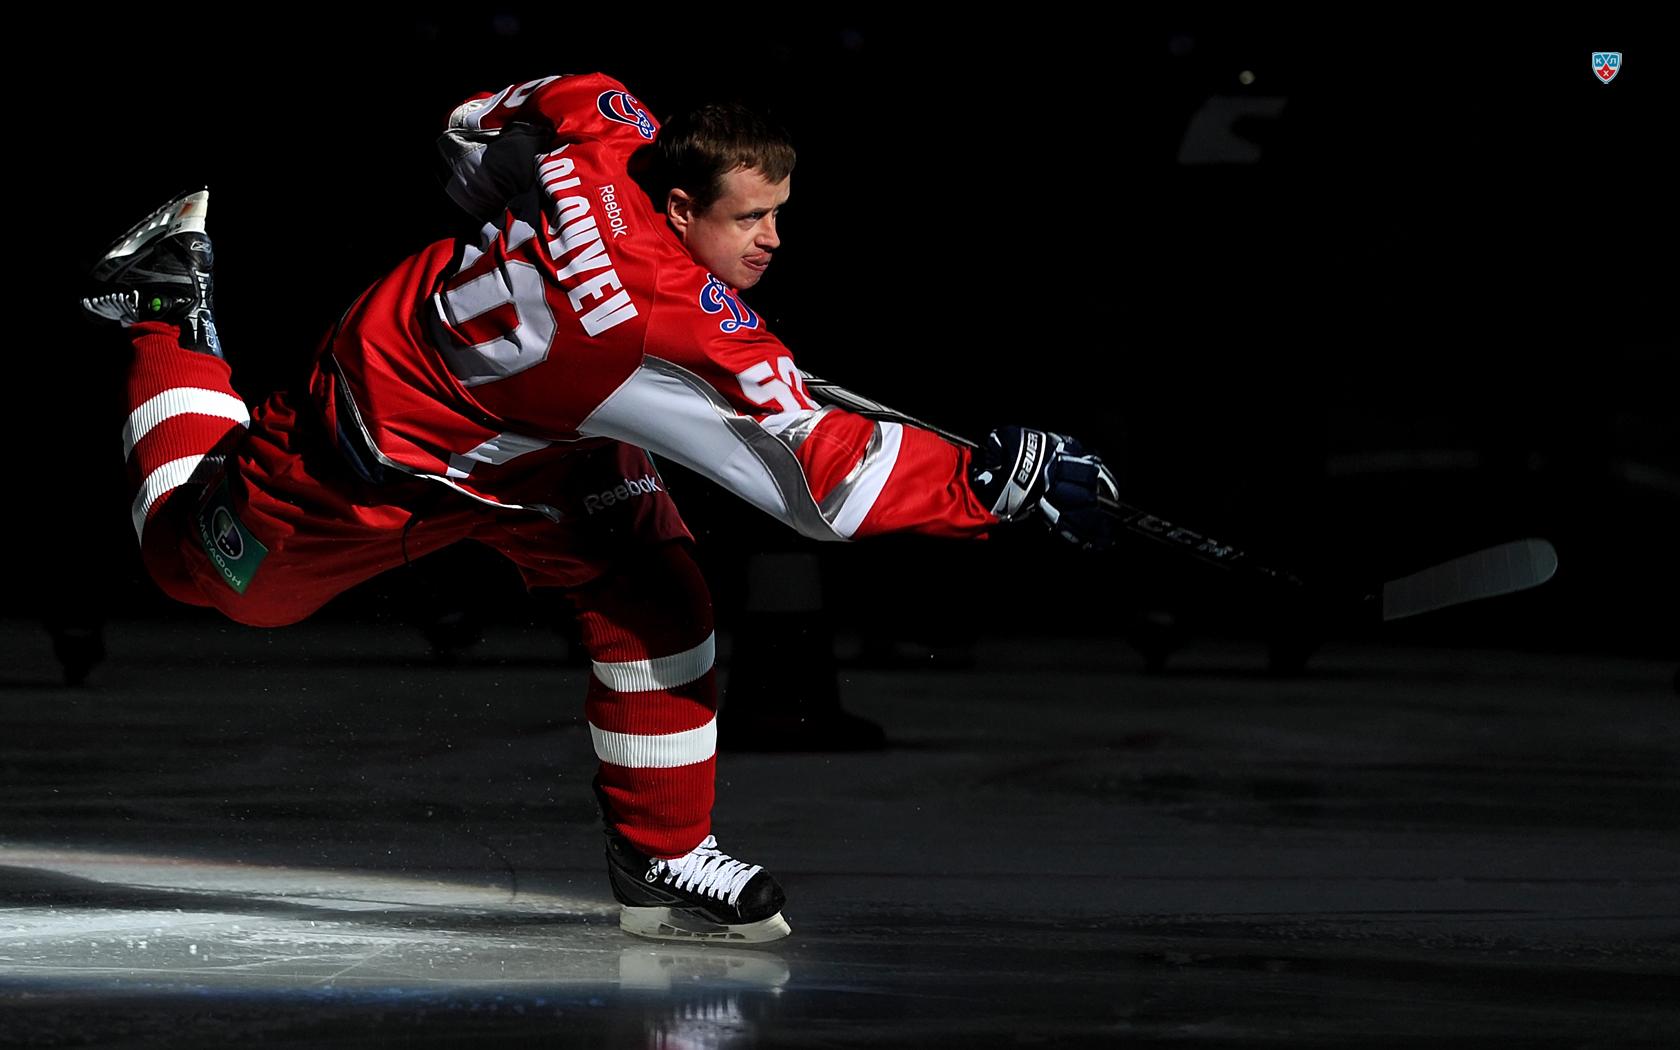 хоккеист с клюшкой, фото, обои спорт, скачать